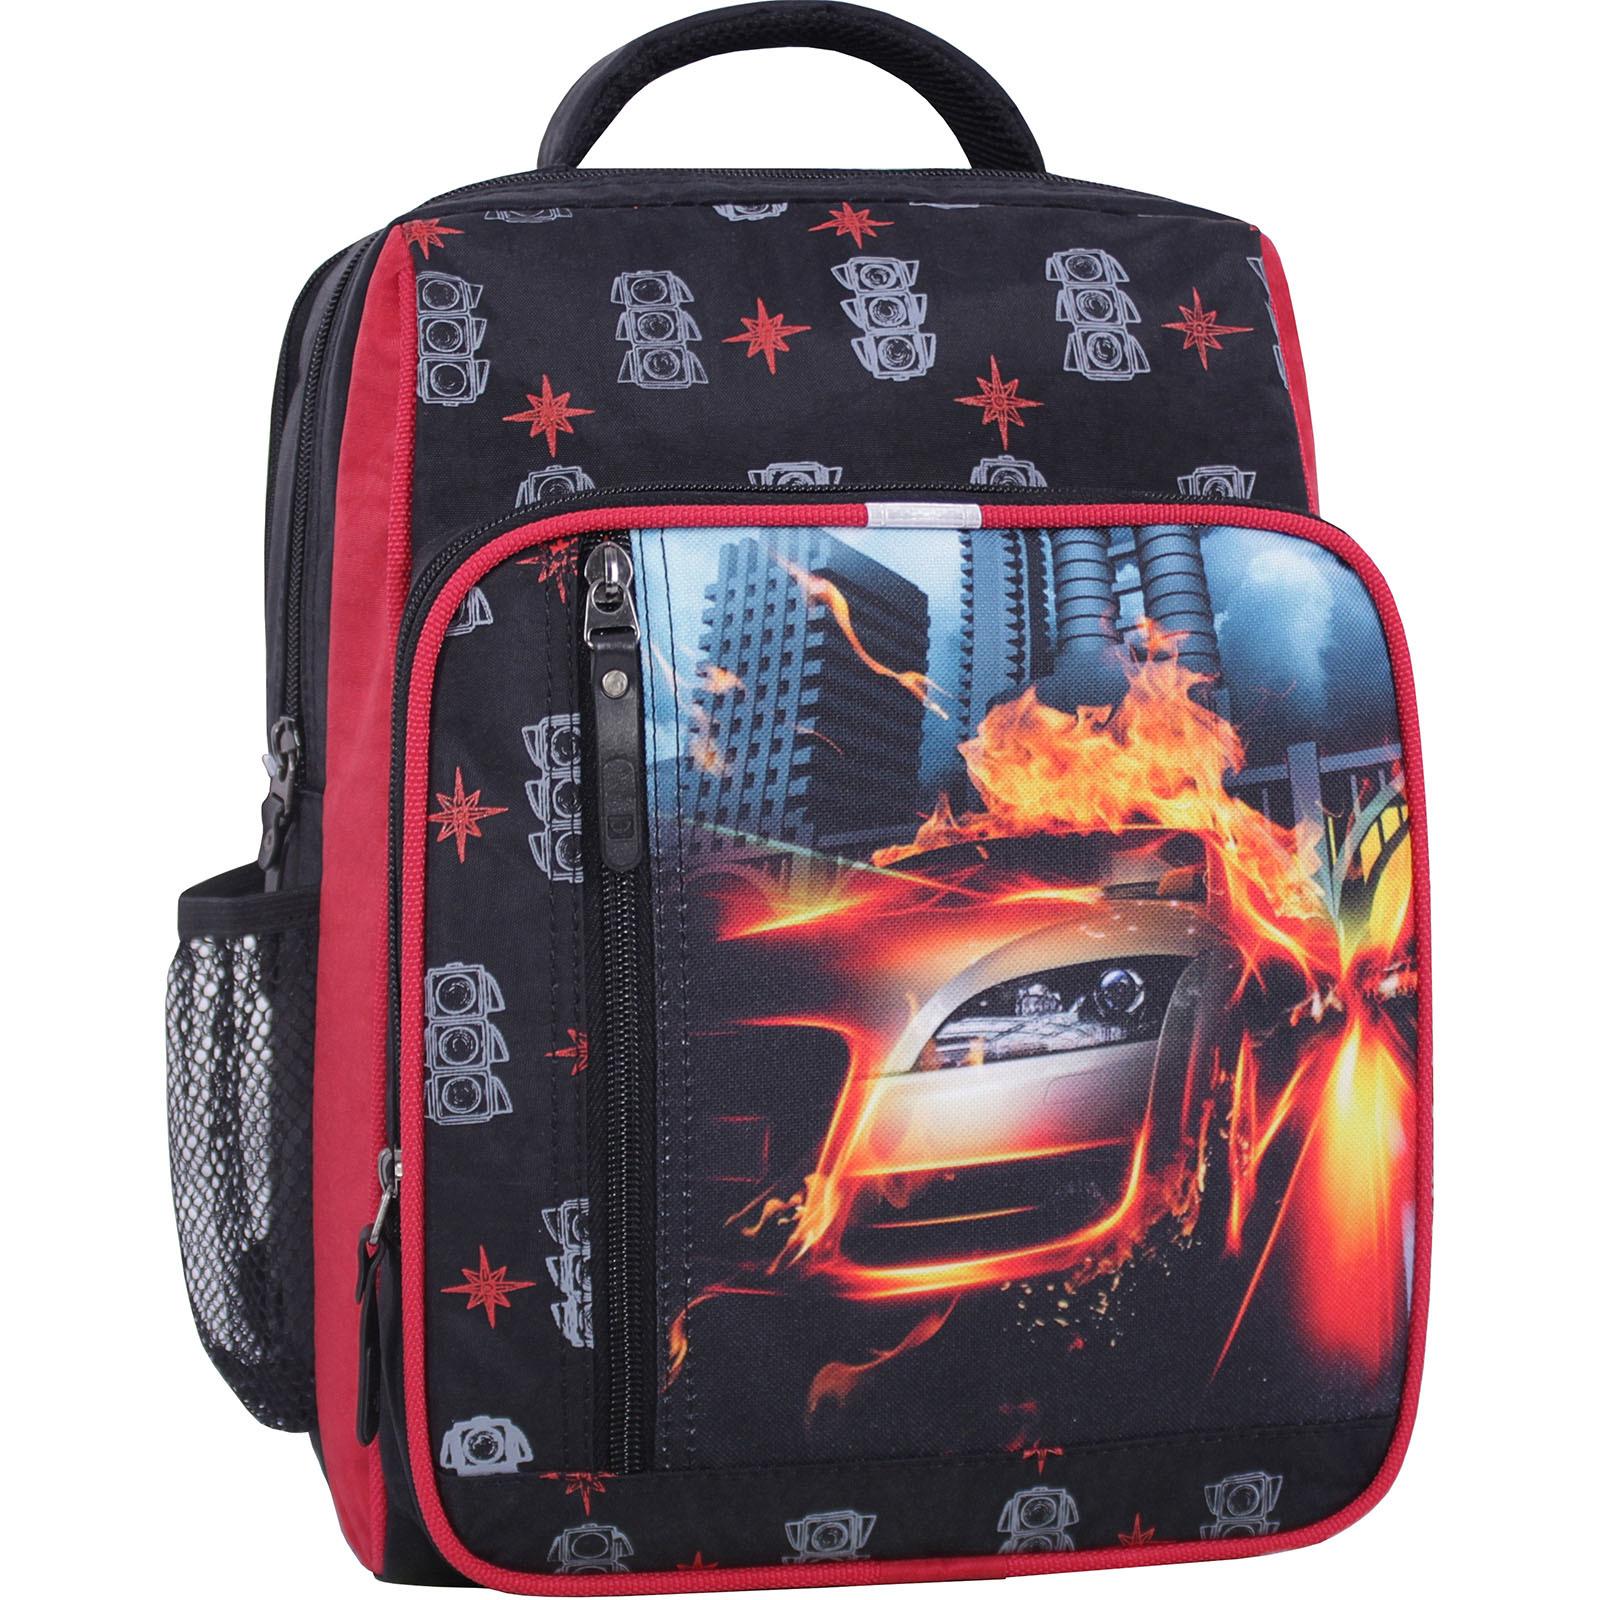 Рюкзак школьный Bagland Школьник 8 л. черный 500 (0012870) фото 1